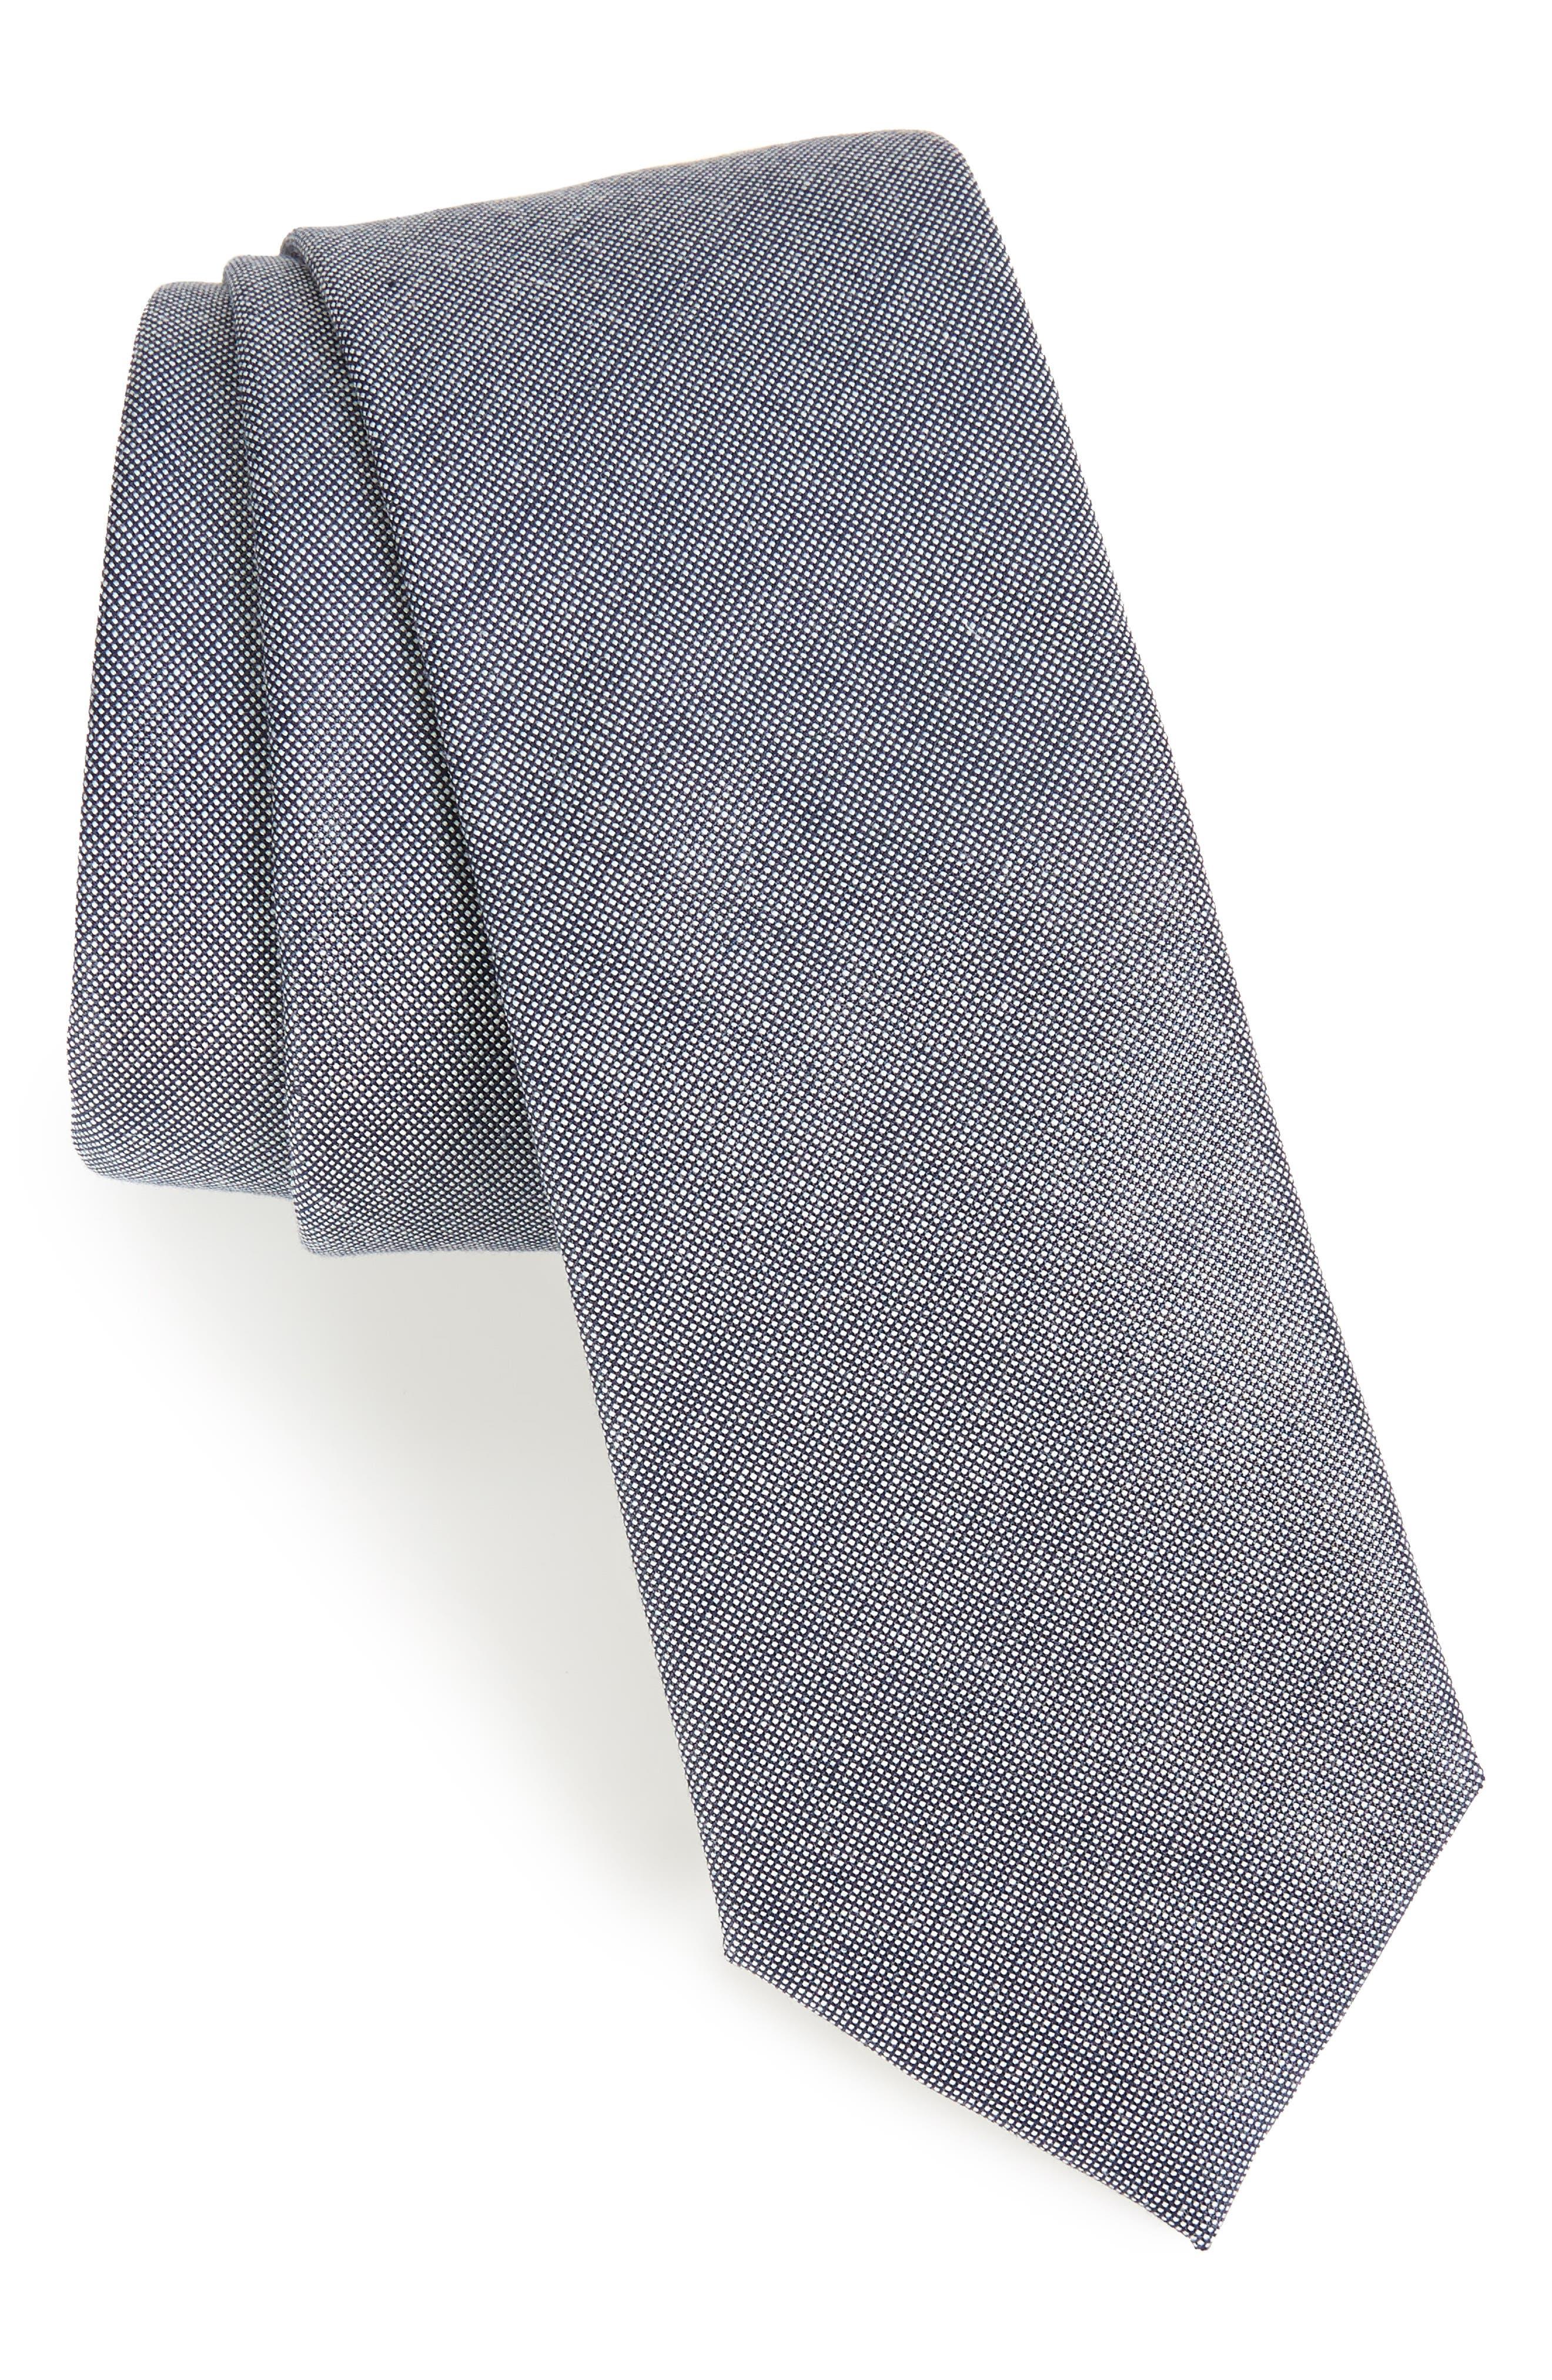 Combin Solid Cotton Blend Tie,                         Main,                         color, 410